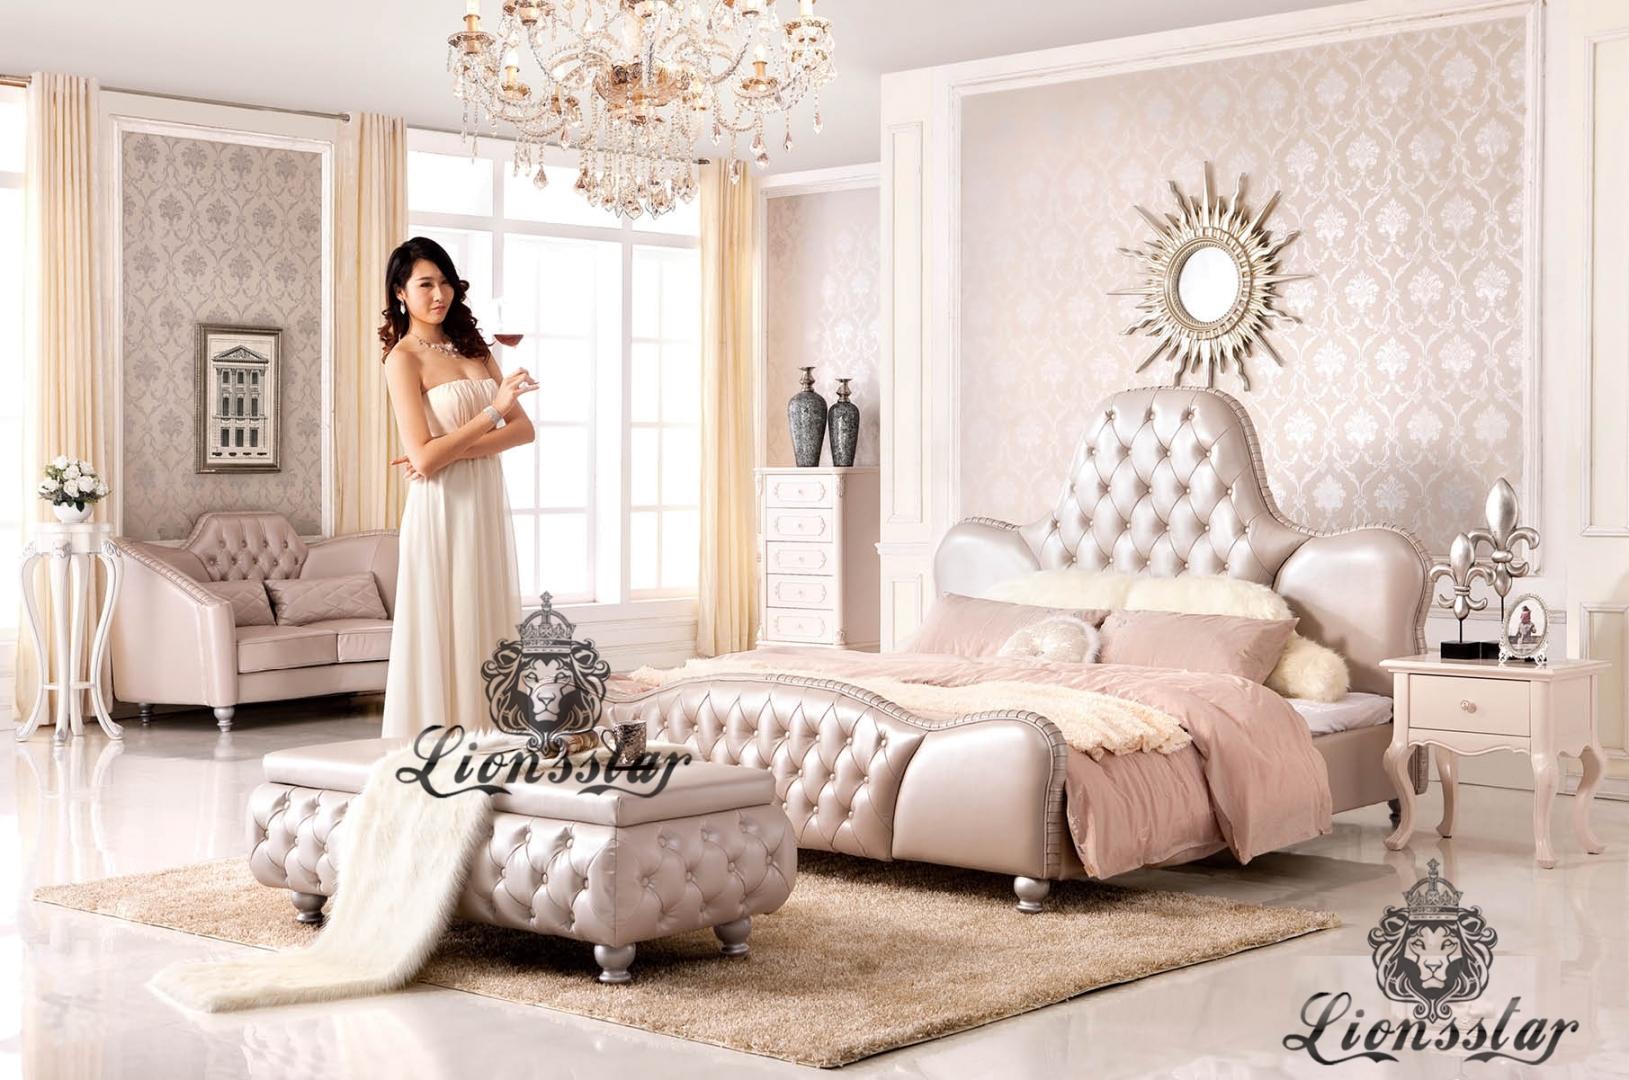 Full Size of Luxus Bett Weiß 90x200 Holz Schramm Betten Kopfteil Stauraum Ausziehbar Landhaus Amazon Berlin 120x200 Massiv 180x200 Nussbaum 100x200 Boxspring 140x220 Bett Luxus Bett